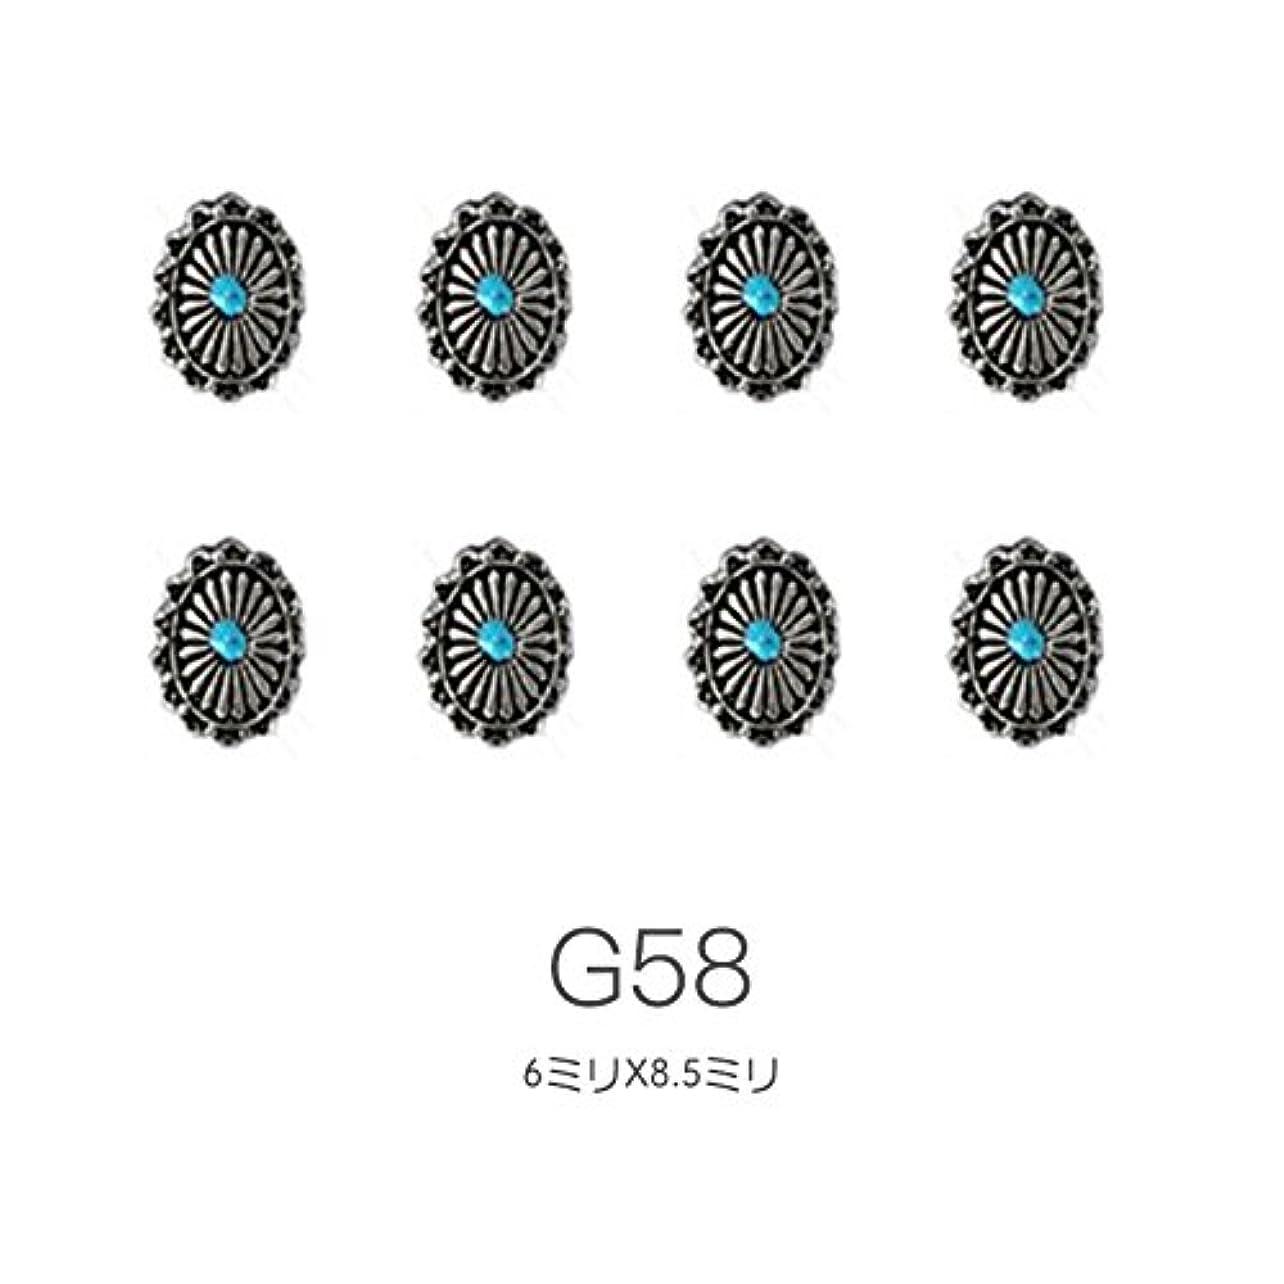 確かめるアレルギー性懐疑的G58(6ミリ×8.5ミリ) シルバー 8個入り メタルパーツ コンチョ ターコイズ風 ゴールド シルバー ネイルパーツ スタッズ ネイル用品 GOLD SILVER アートパーツ アートパーツ デコ素材